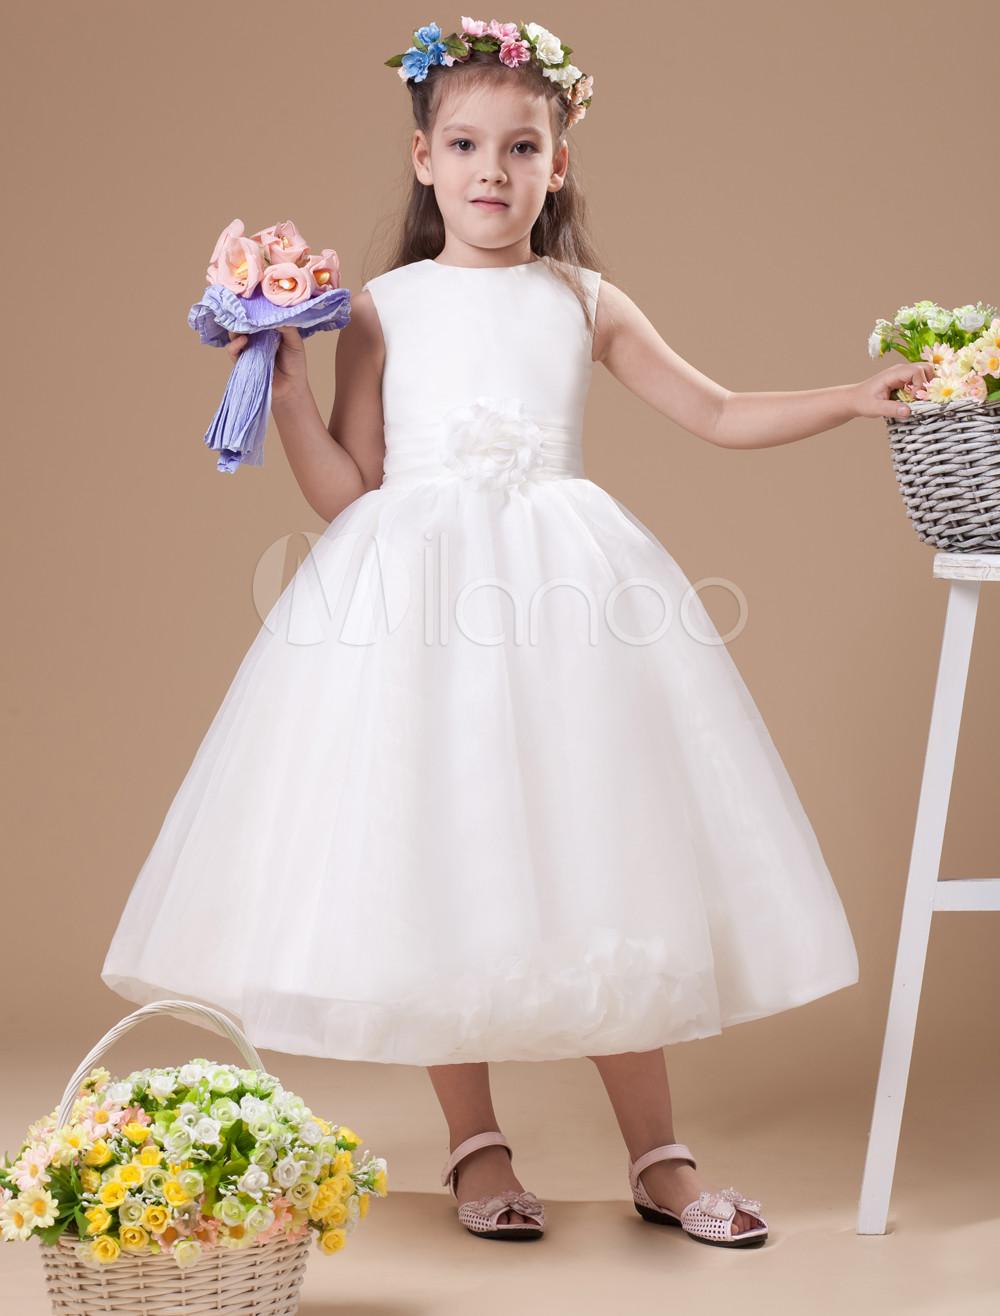 Romantic Ivory Satin Flower Girl Dress